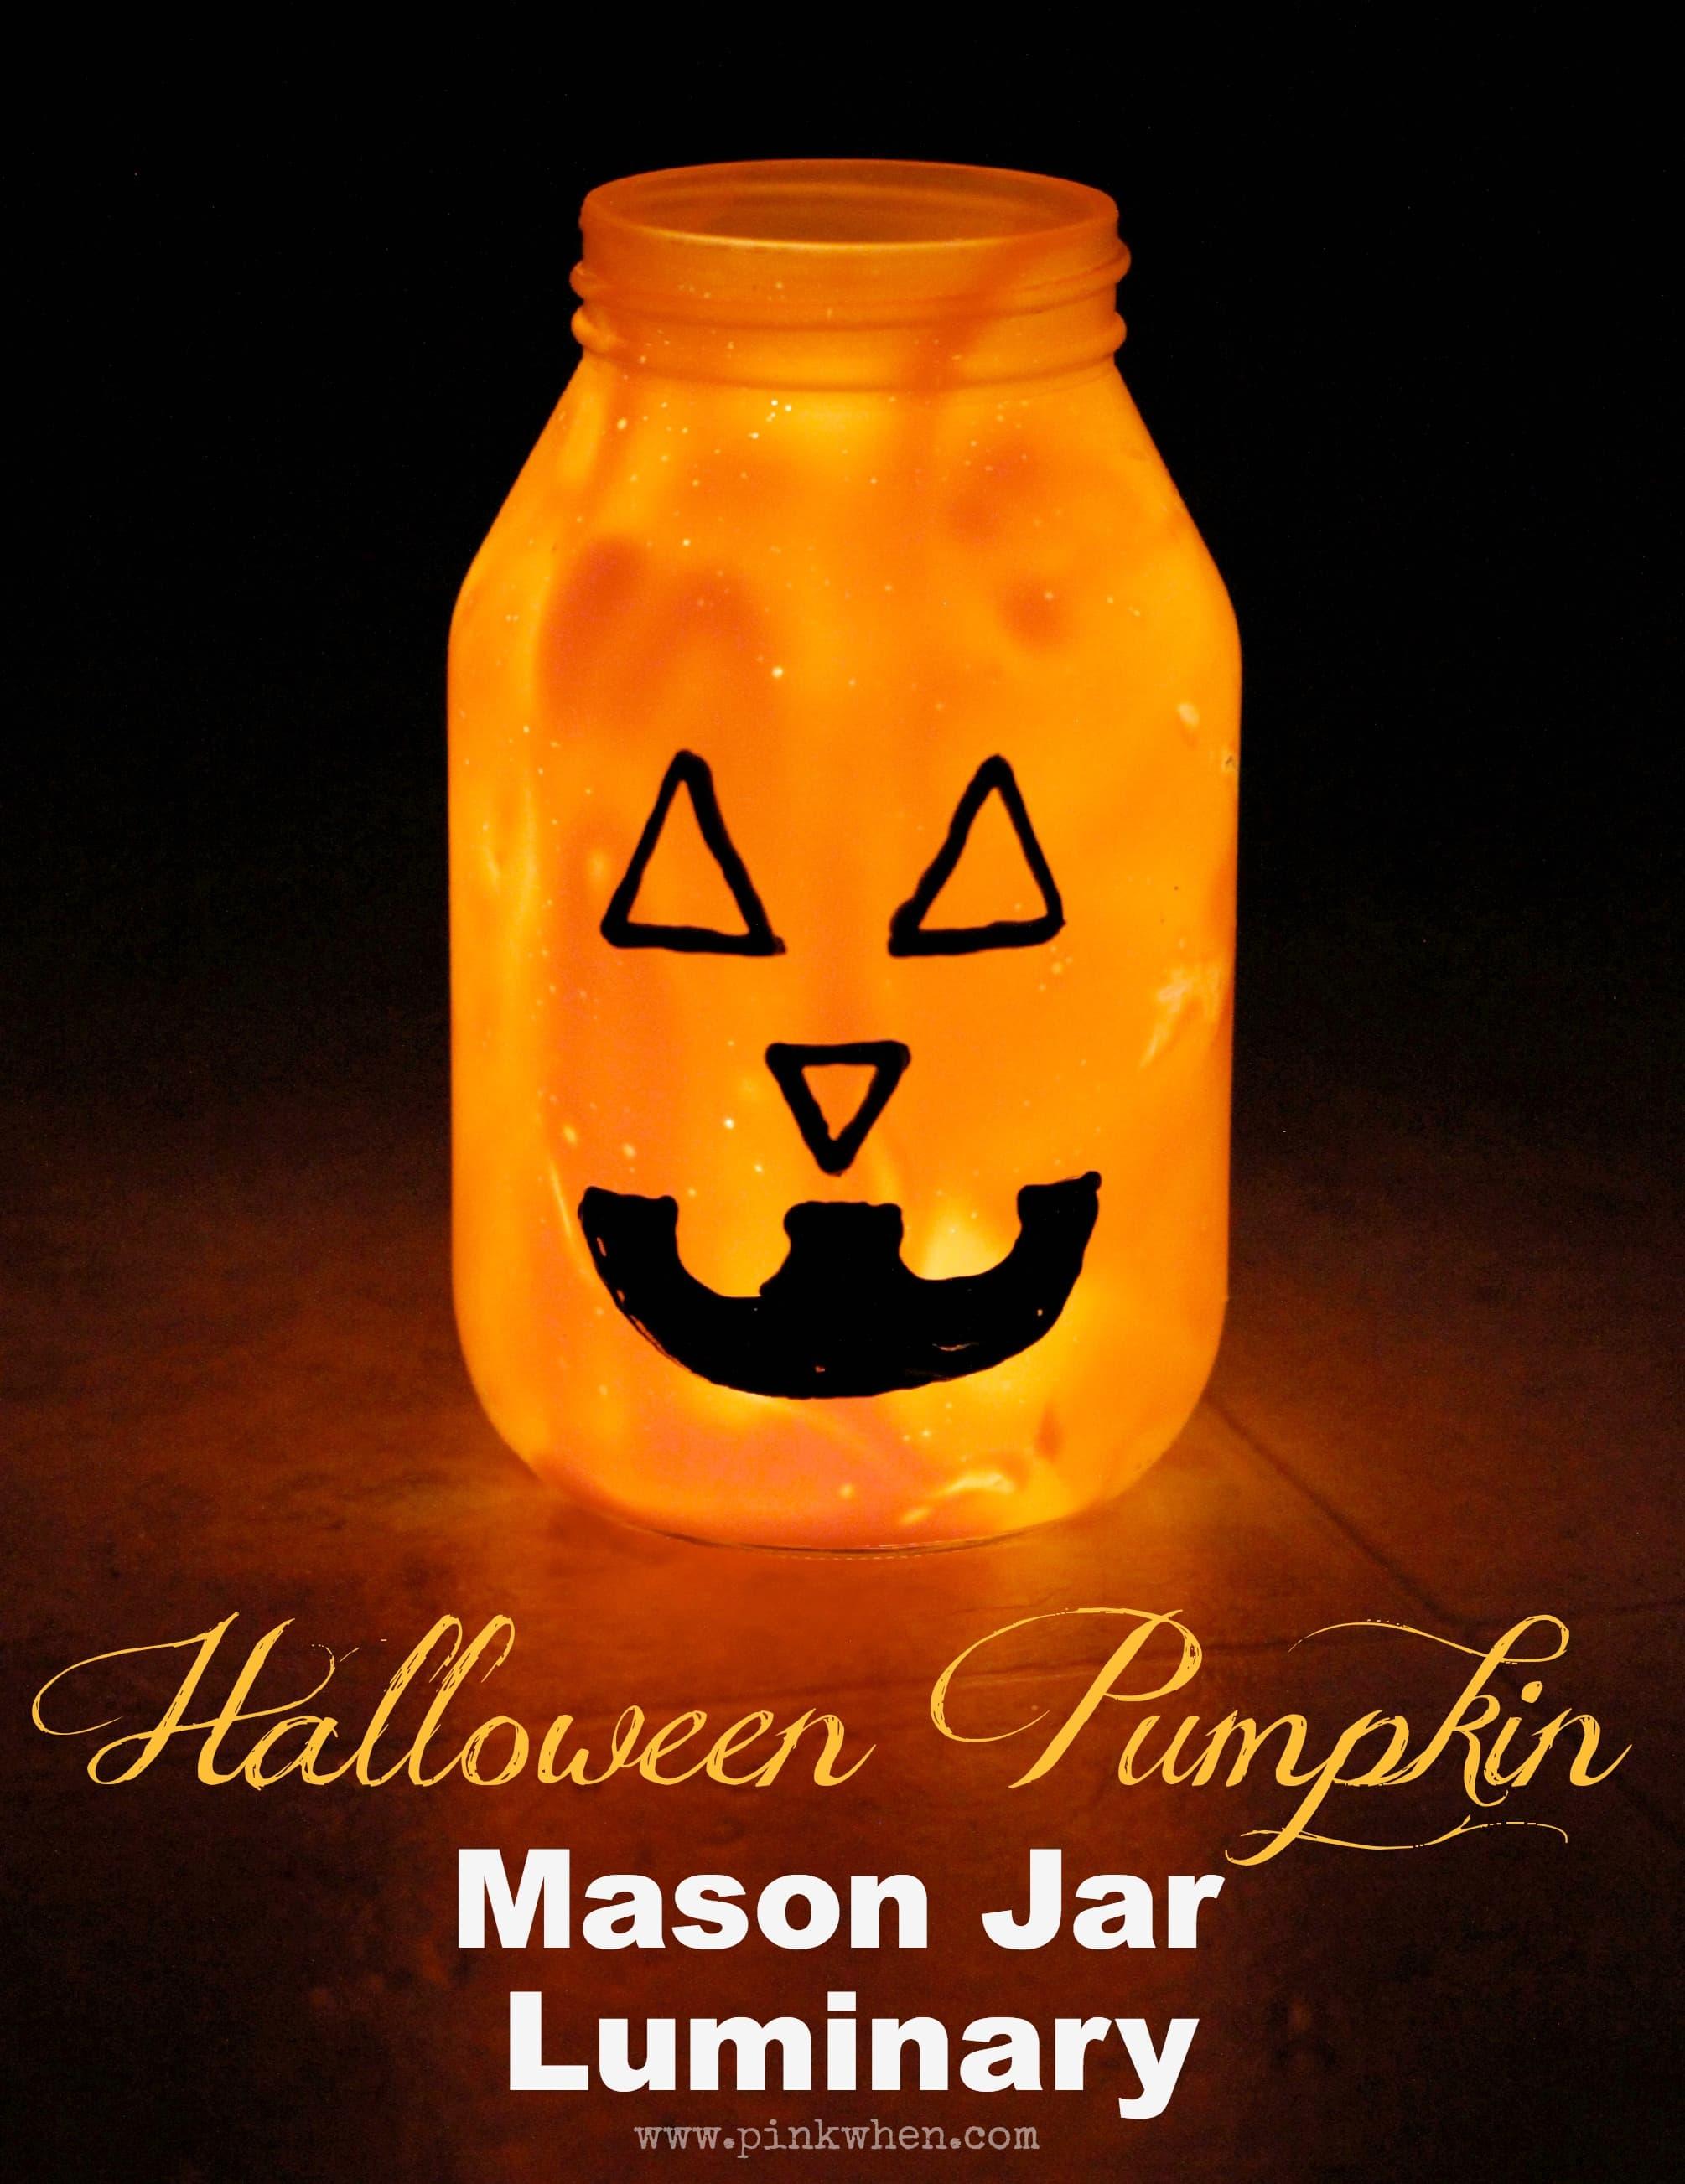 Halloween Pumpkin Mason Jar Luminary